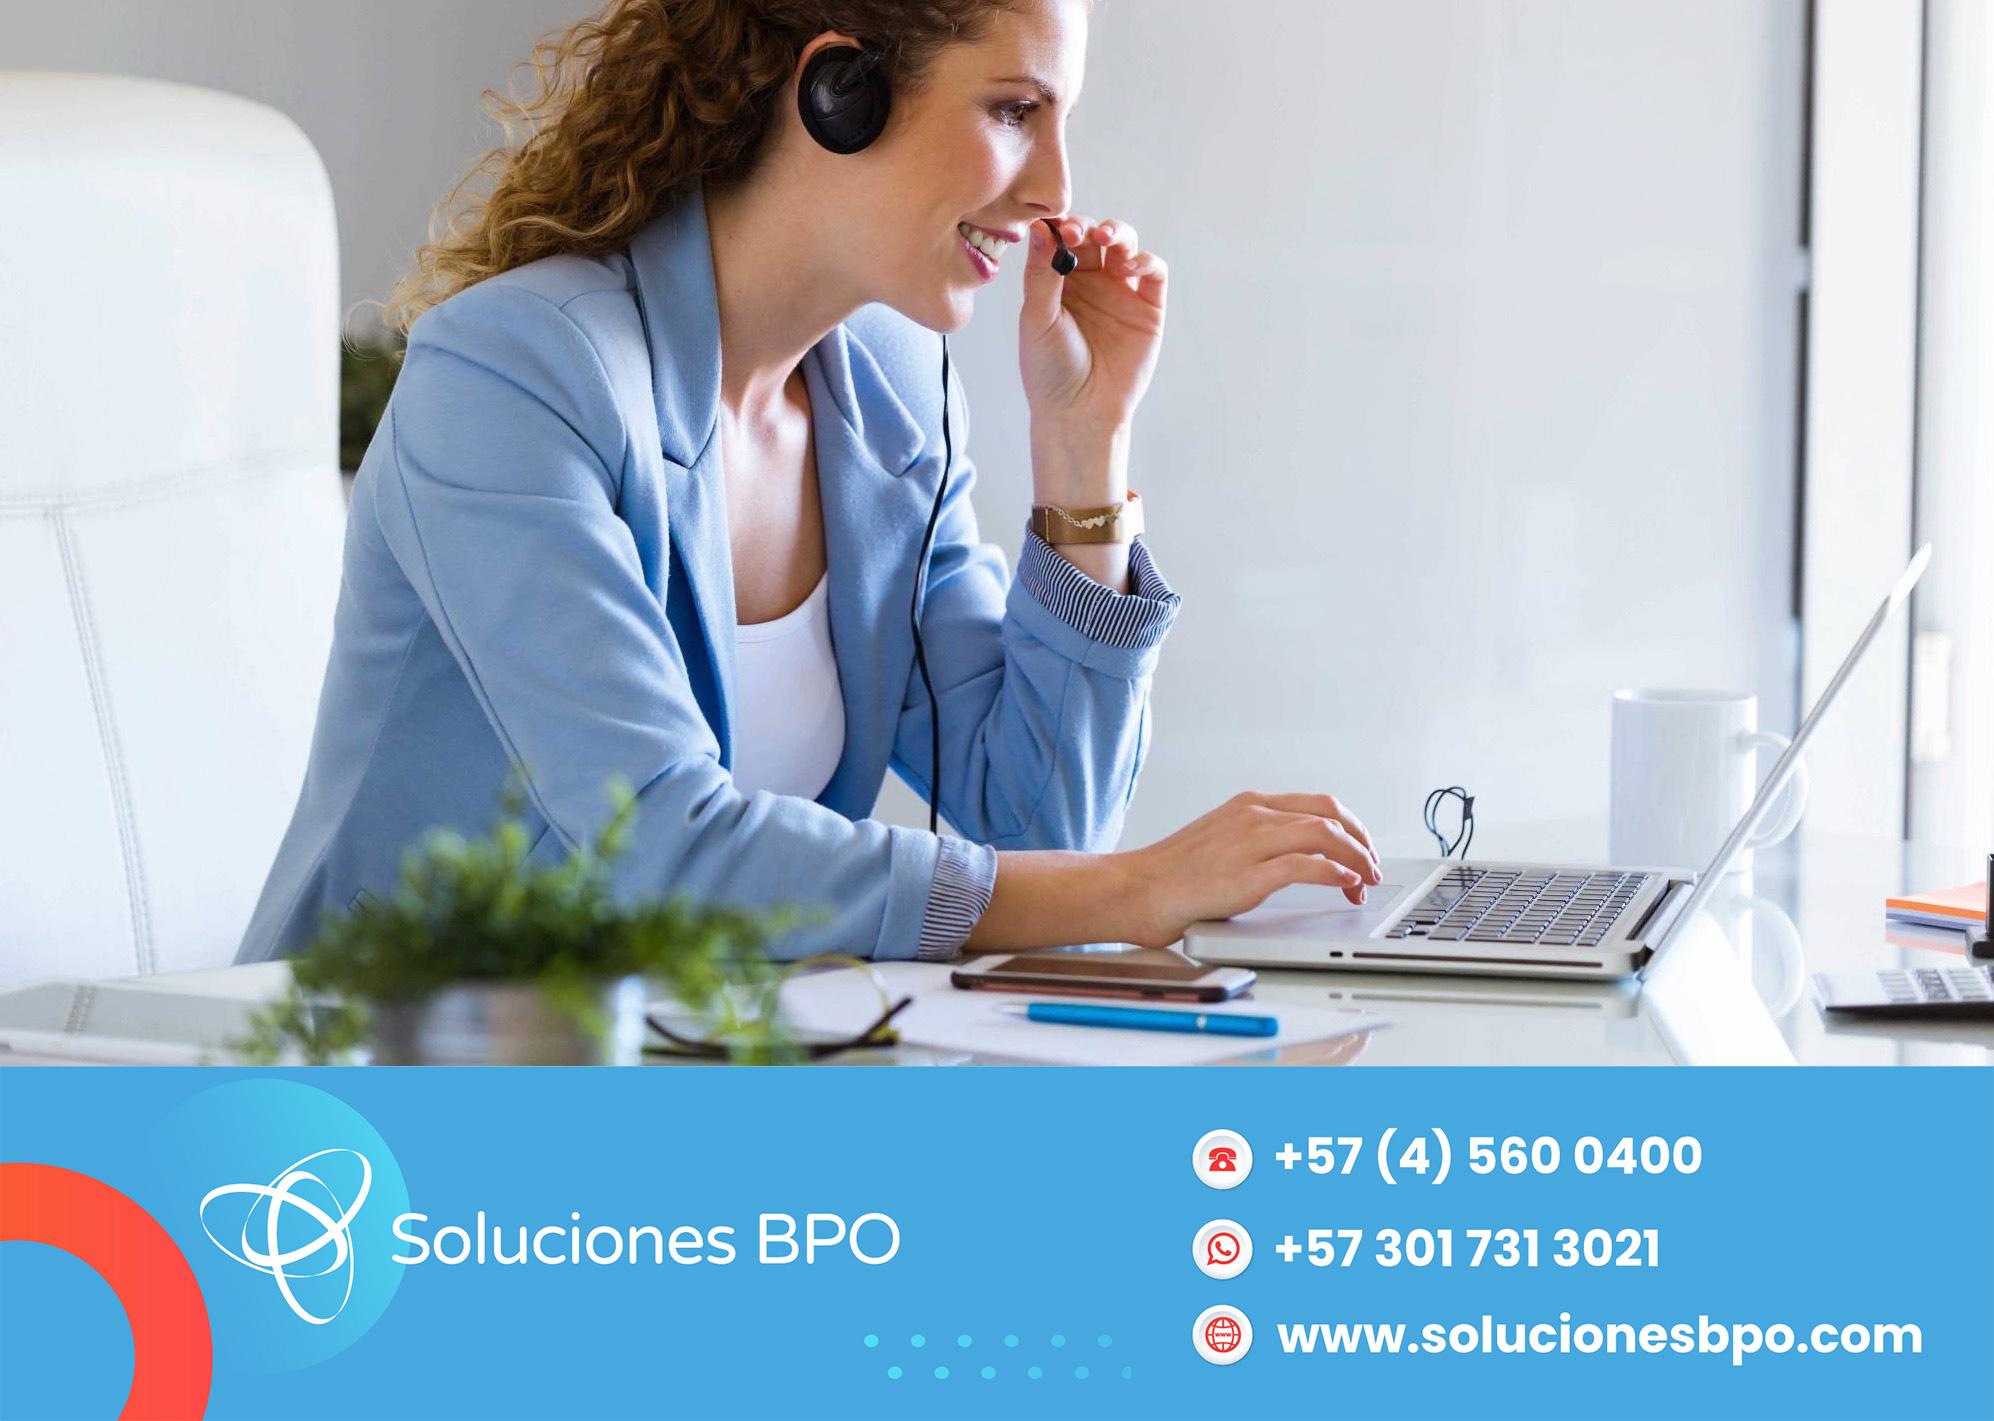 Soluciones BPO